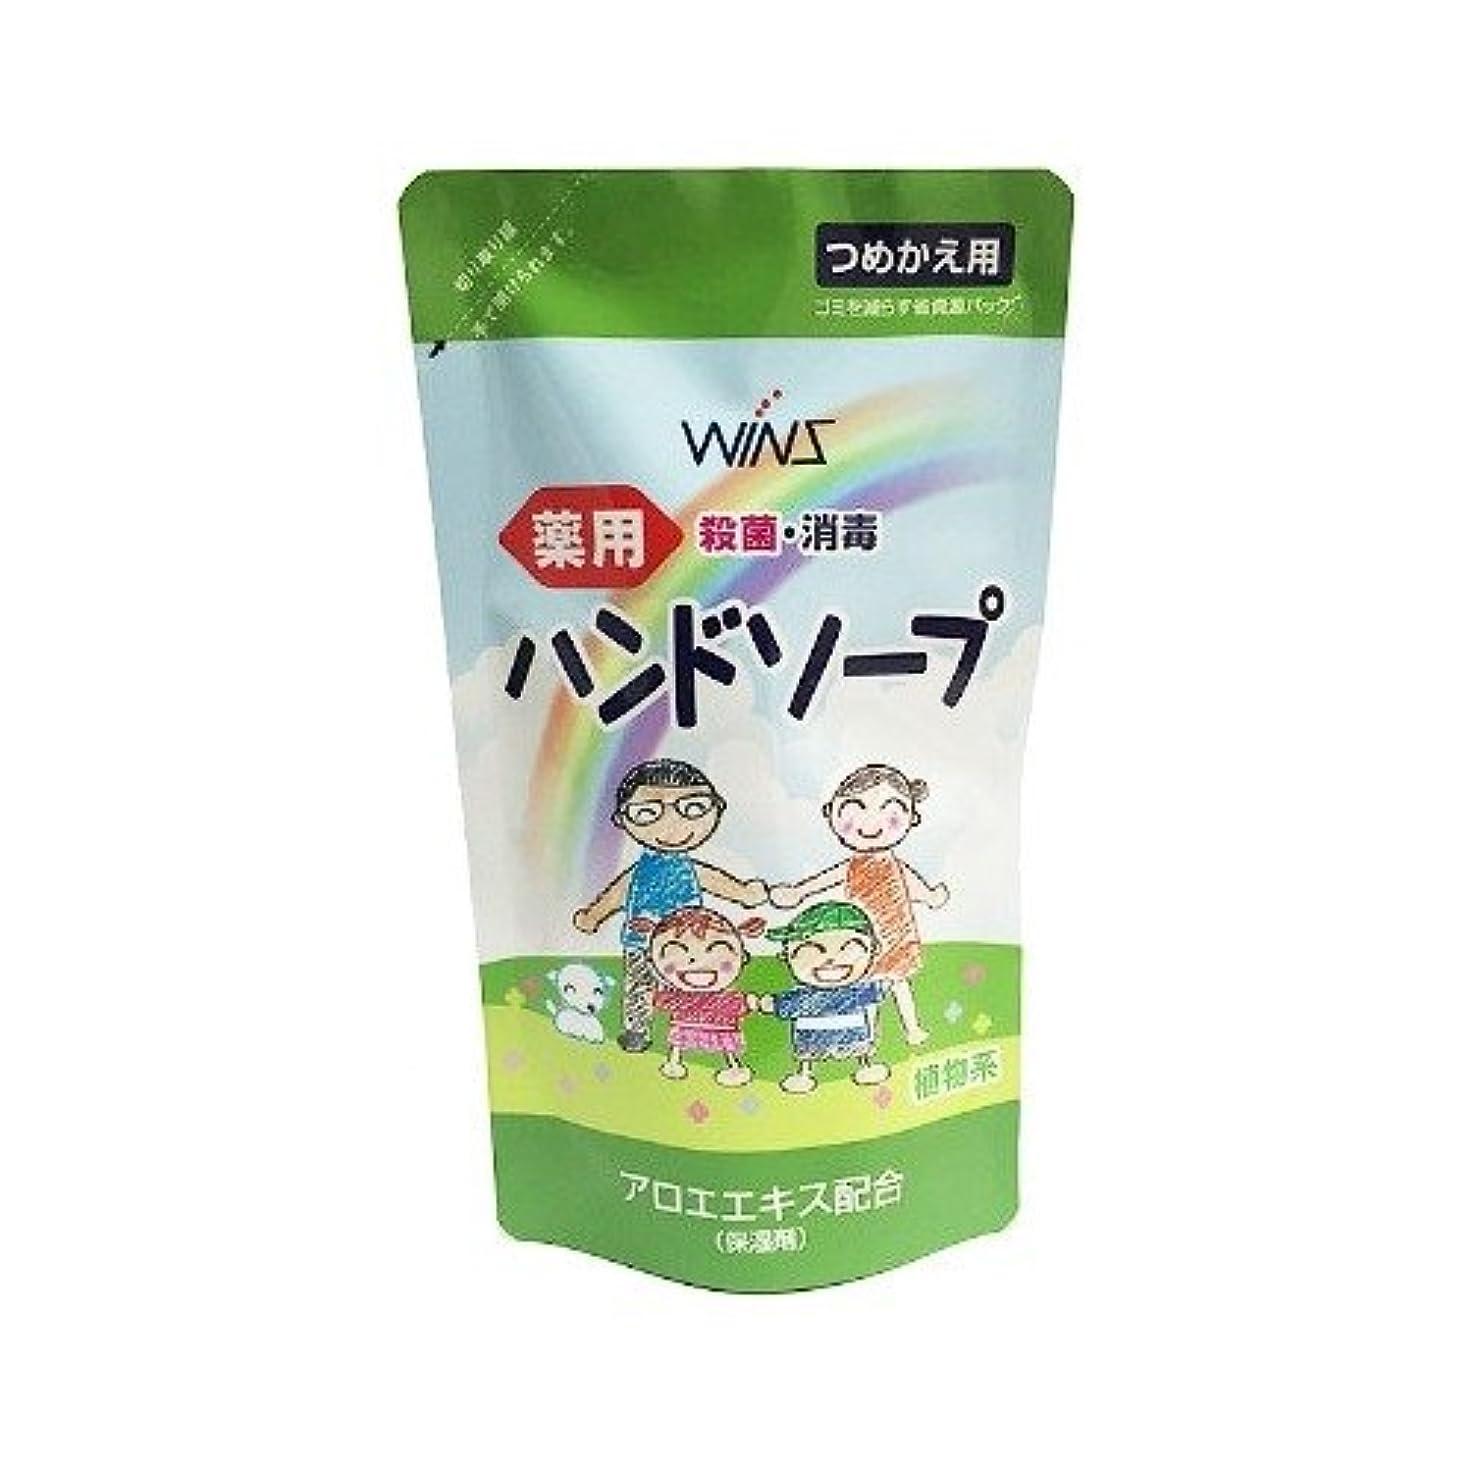 精査する望ましい絶滅させるウインズ 薬用ハンドソープ 詰替 200mL 日本合成洗剤